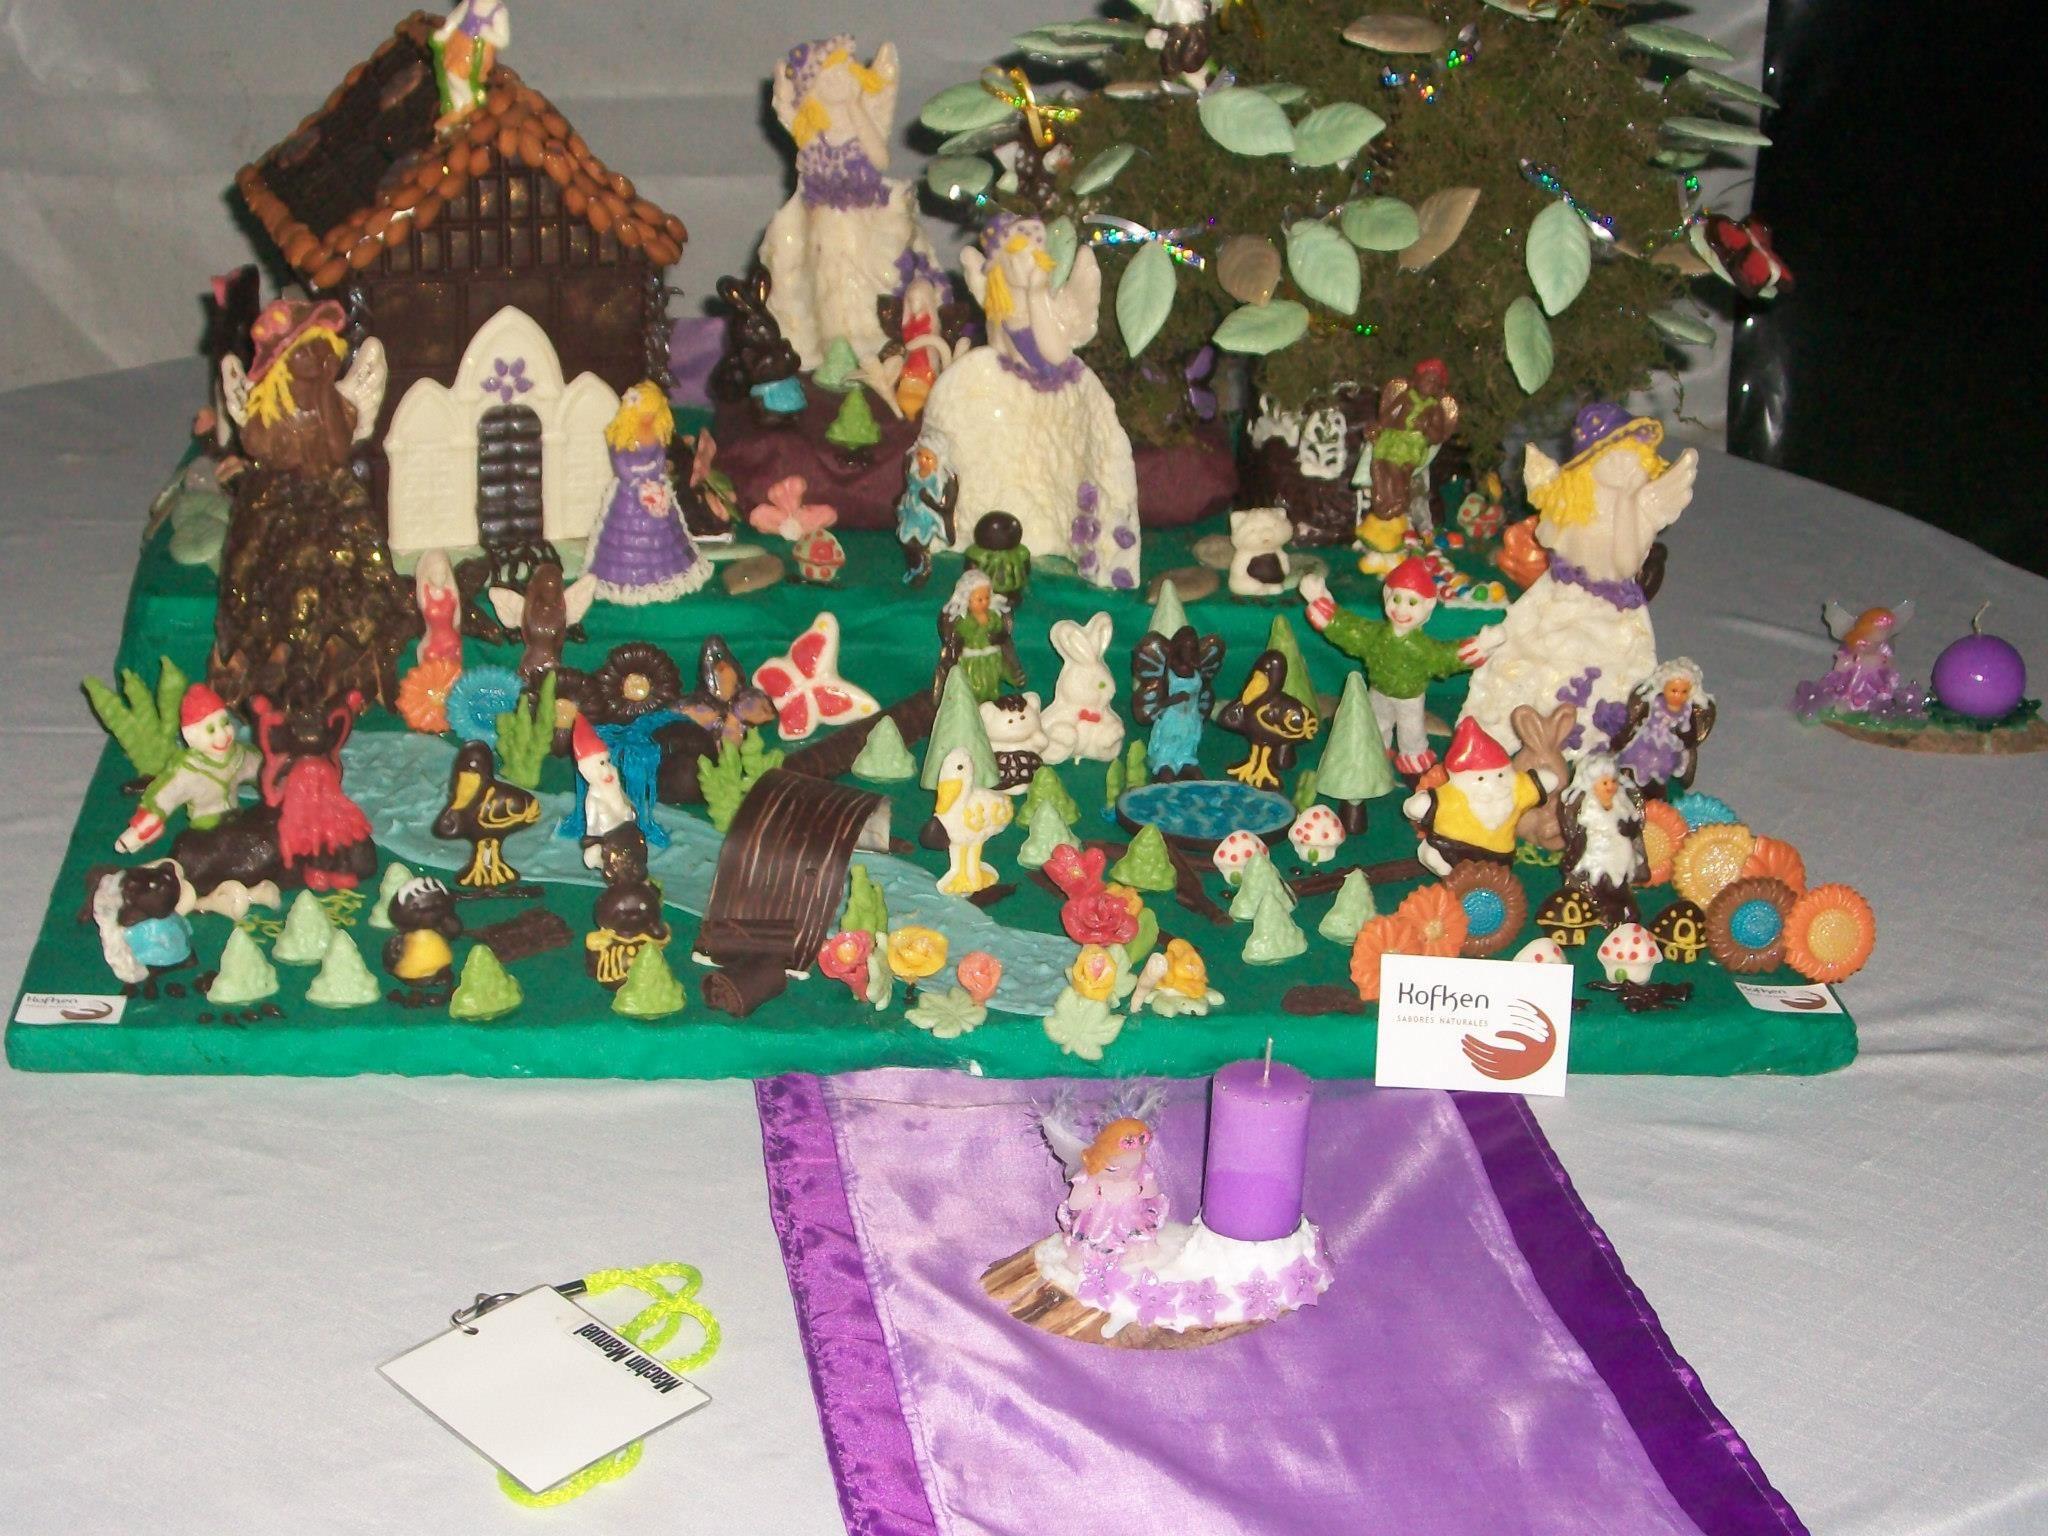 Bosque de hadas y duendes 1 x 1 metro 20 Kg de chocolate